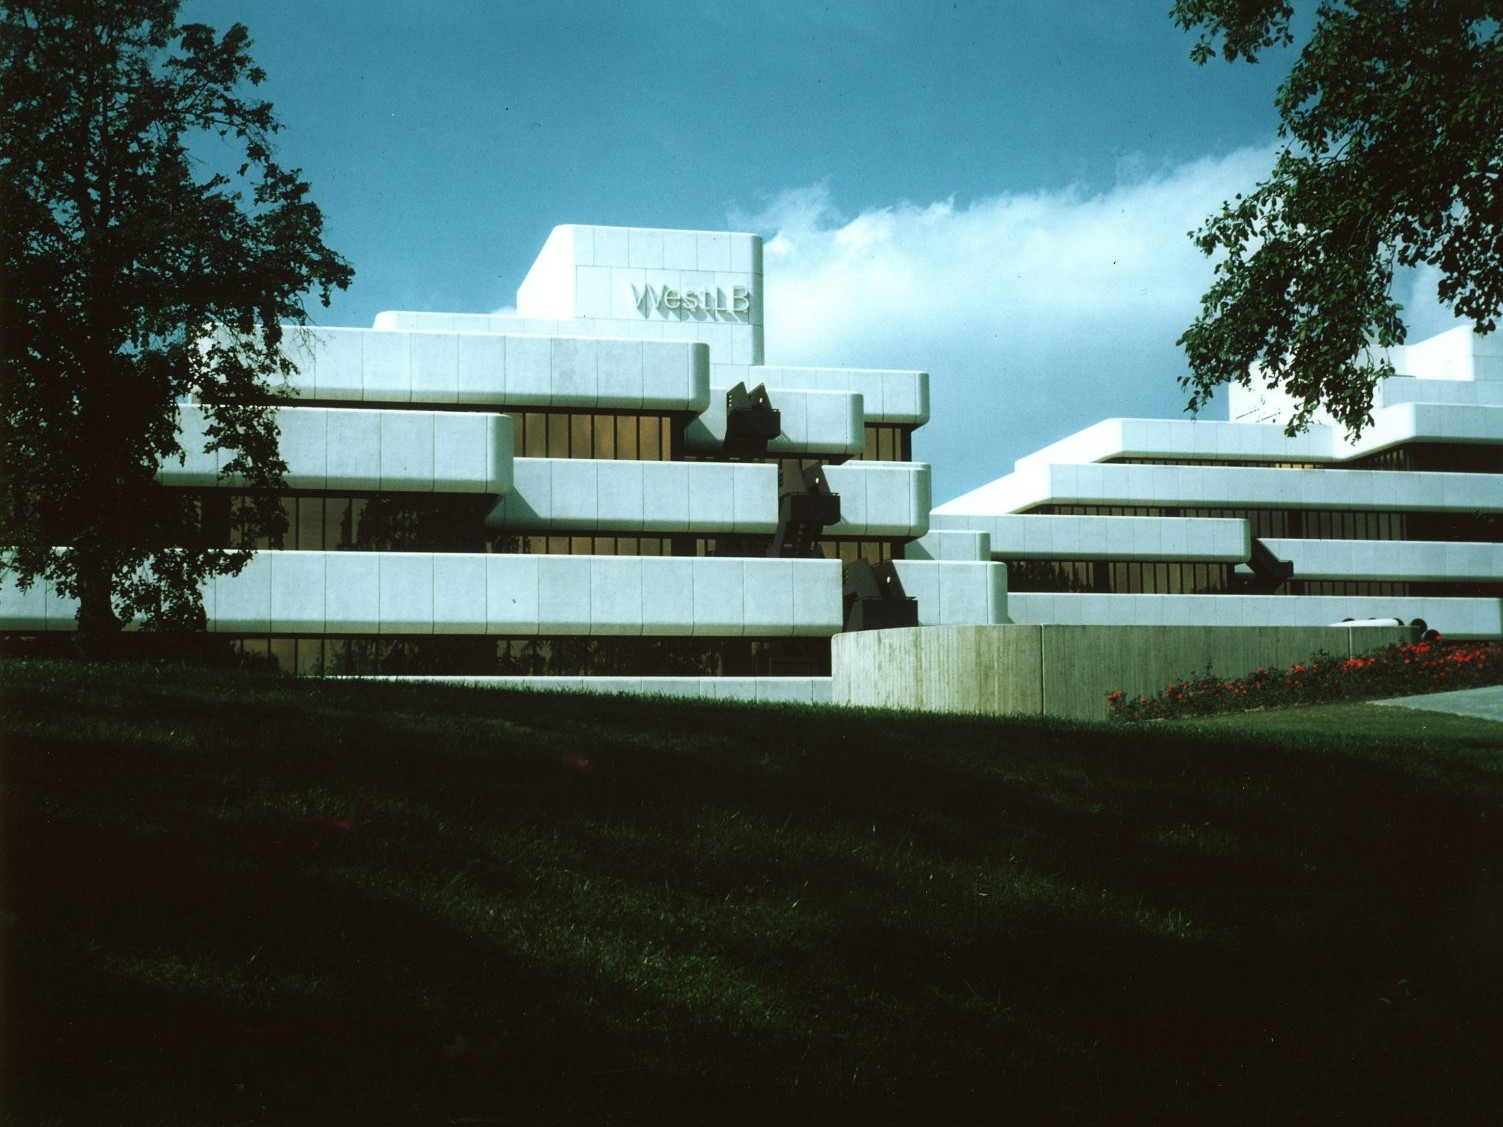 Harald Deilmann: WestLB Münster, 1967-1975 - Foto: Baukunstarchiv NRW, Nachlass Harald Deilmann